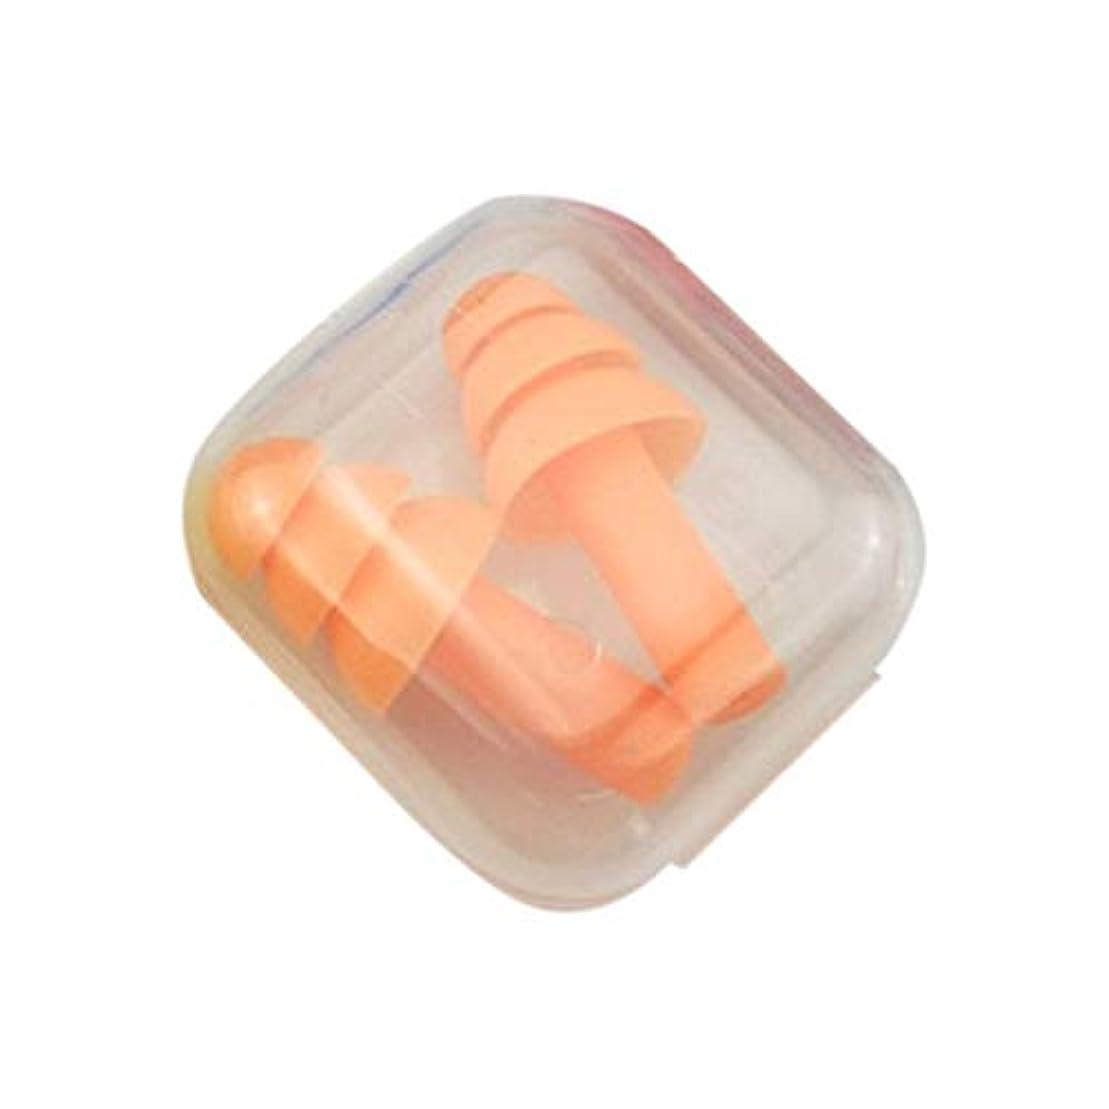 ポーク事故欠如ソフトシリコン耳栓遮音防音耳栓収納ボックス付き